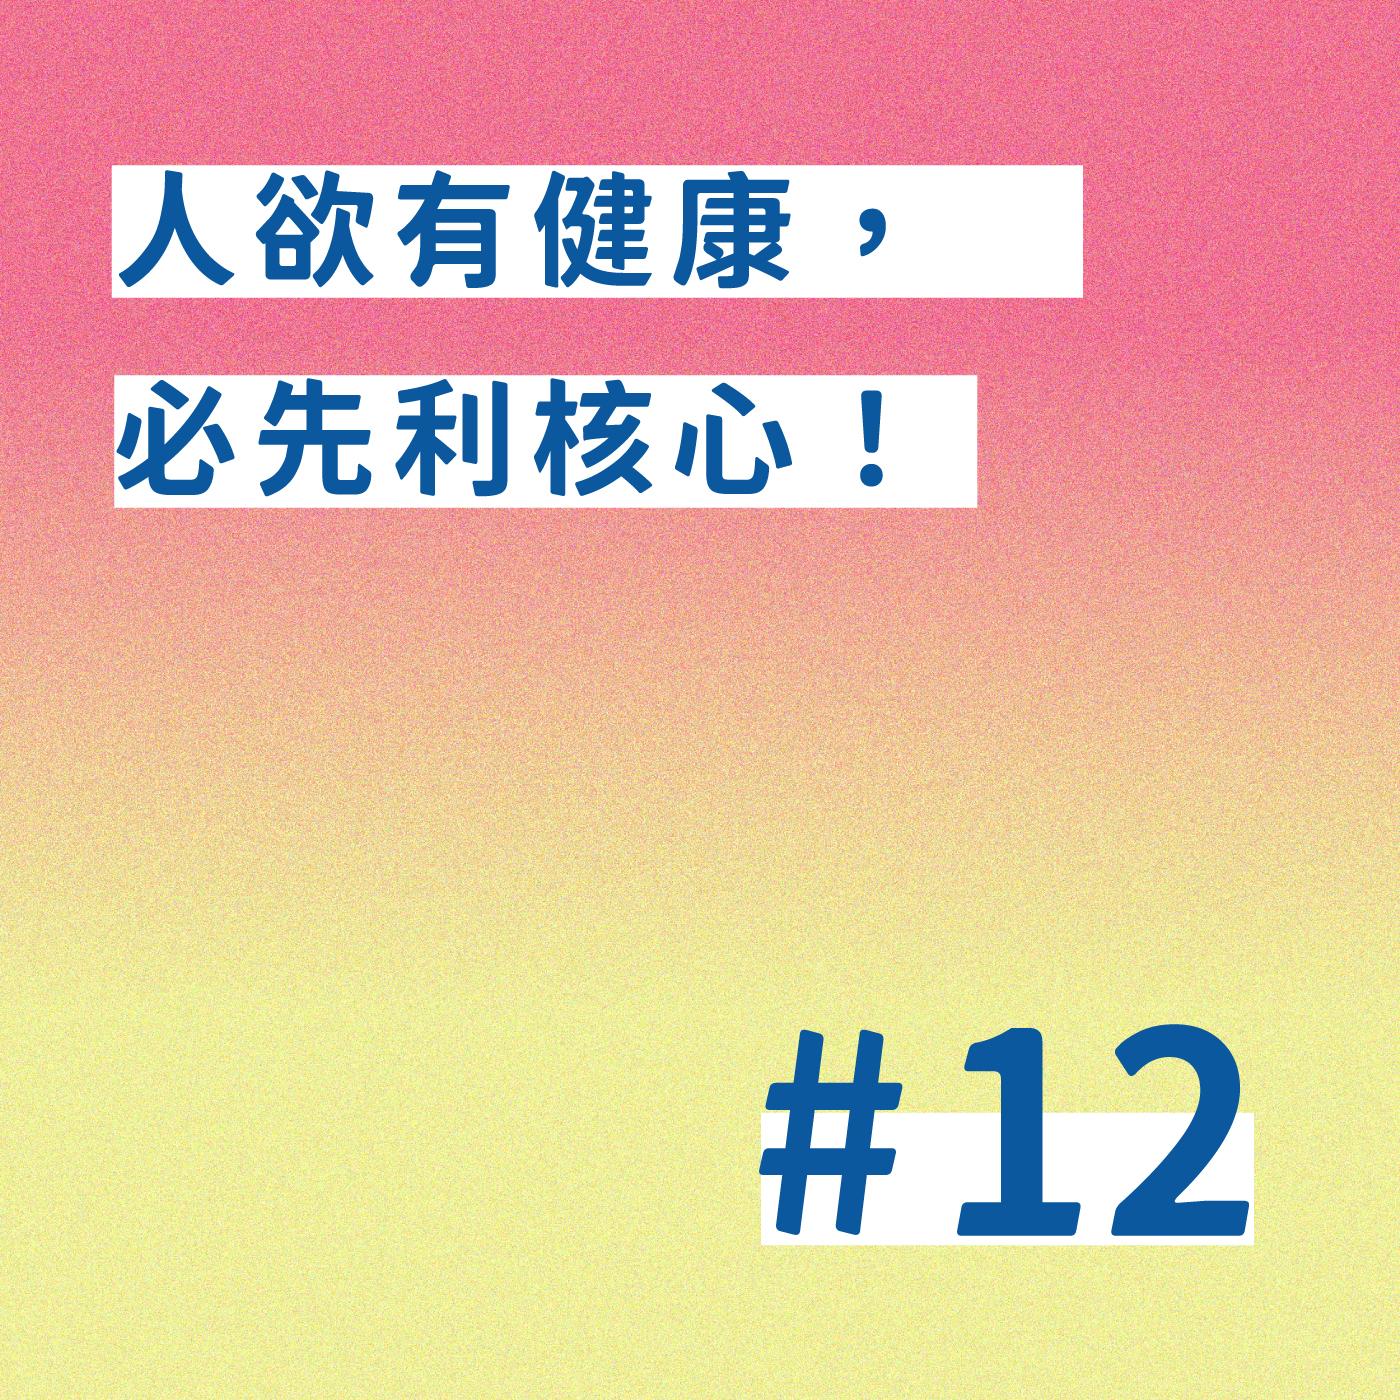 【EP. 12】人欲有健康,必先利核心!